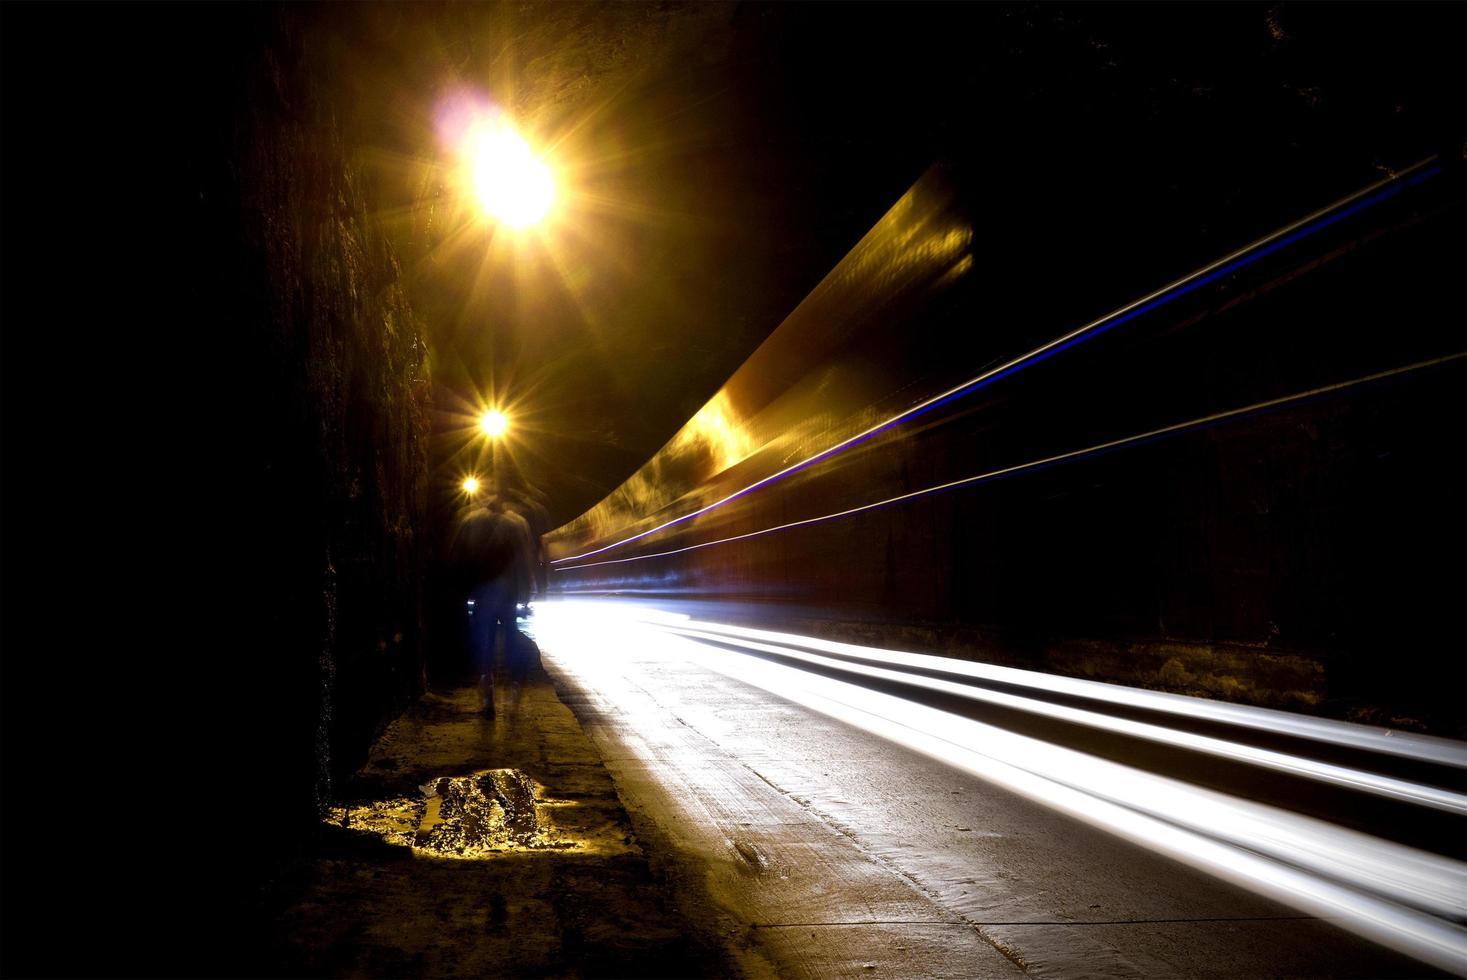 un tunnel buio con una sagoma umana foto